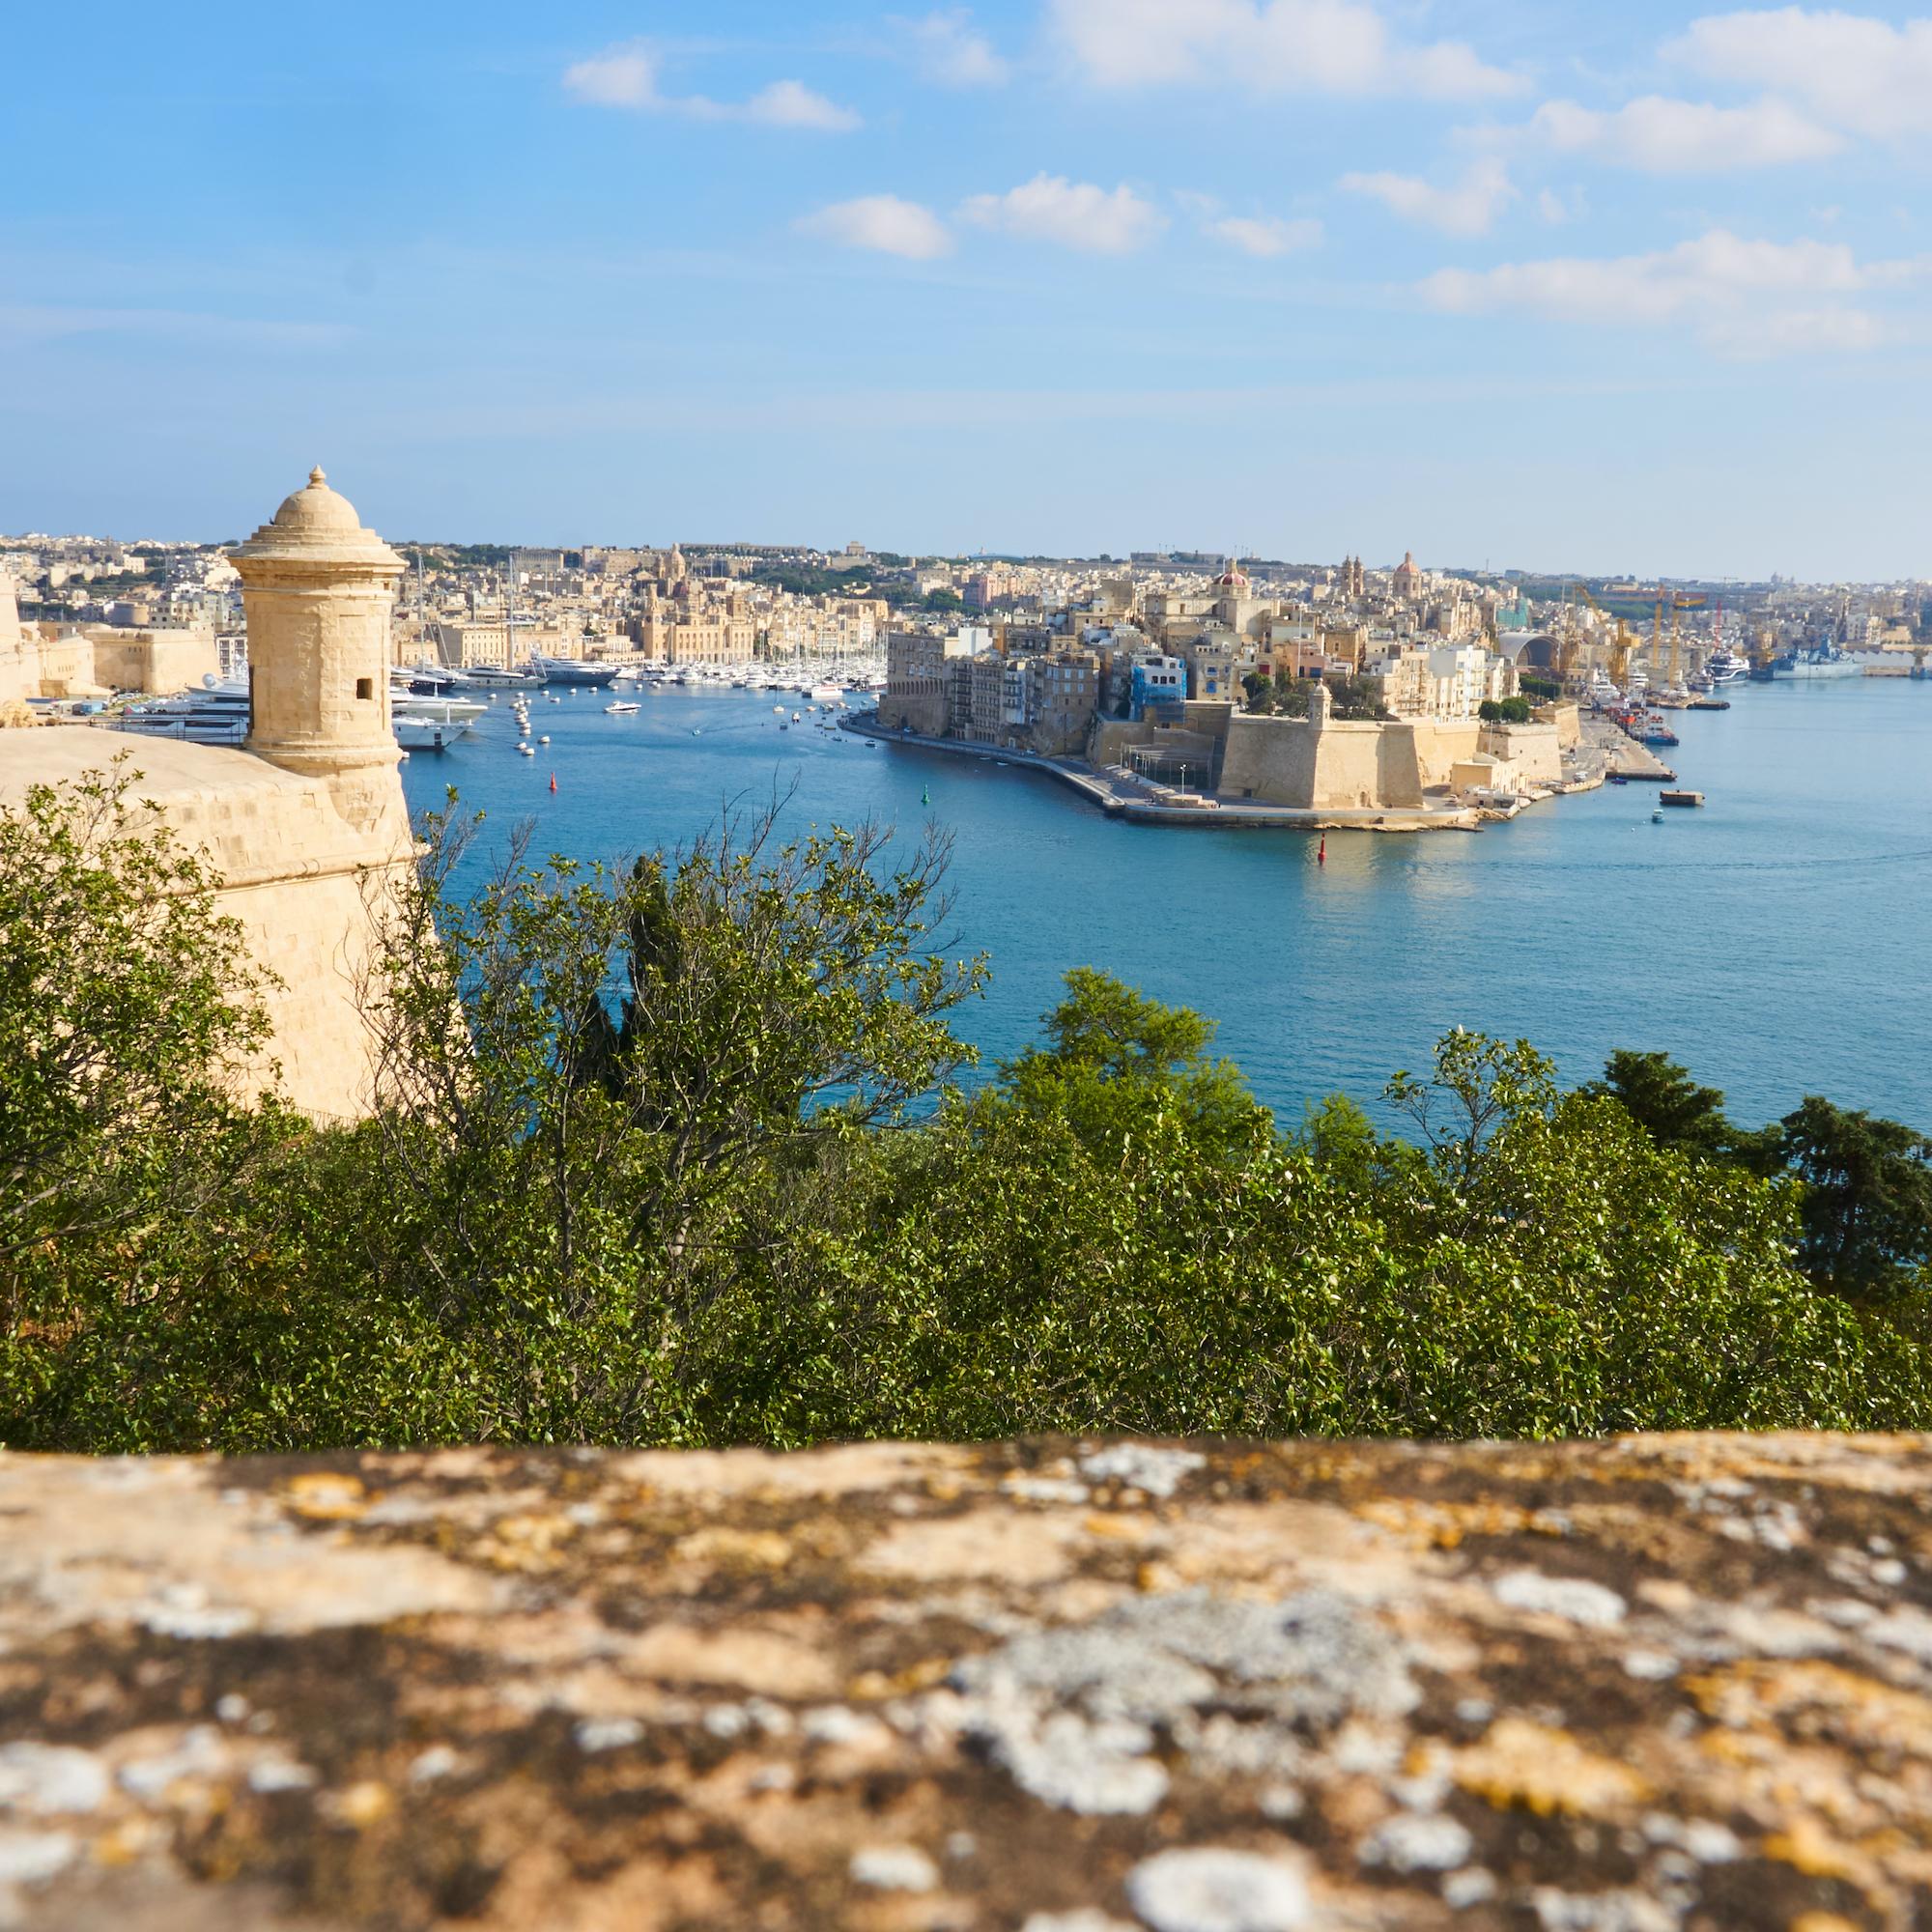 Der Mittelmeerhafen von Valletta